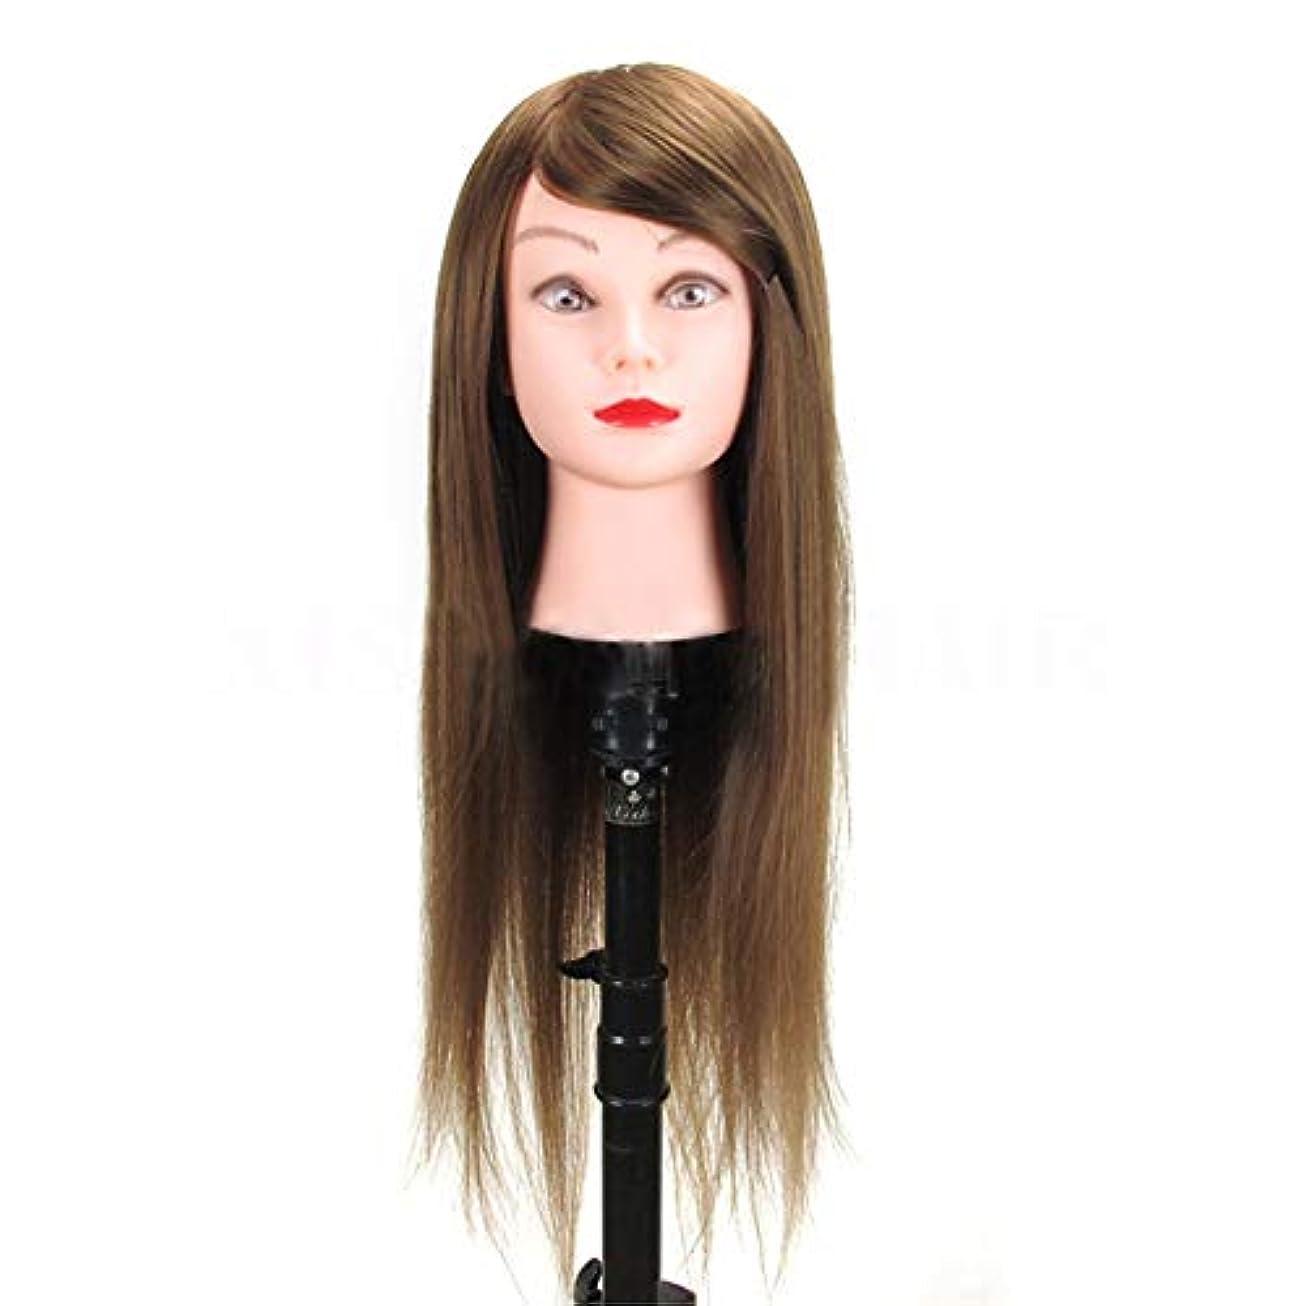 シャベル誇張行列高温シルク編組ヘアスタイリングヘッドモデル理髪店理髪ダミーヘッド化粧練習マネキンヘッド